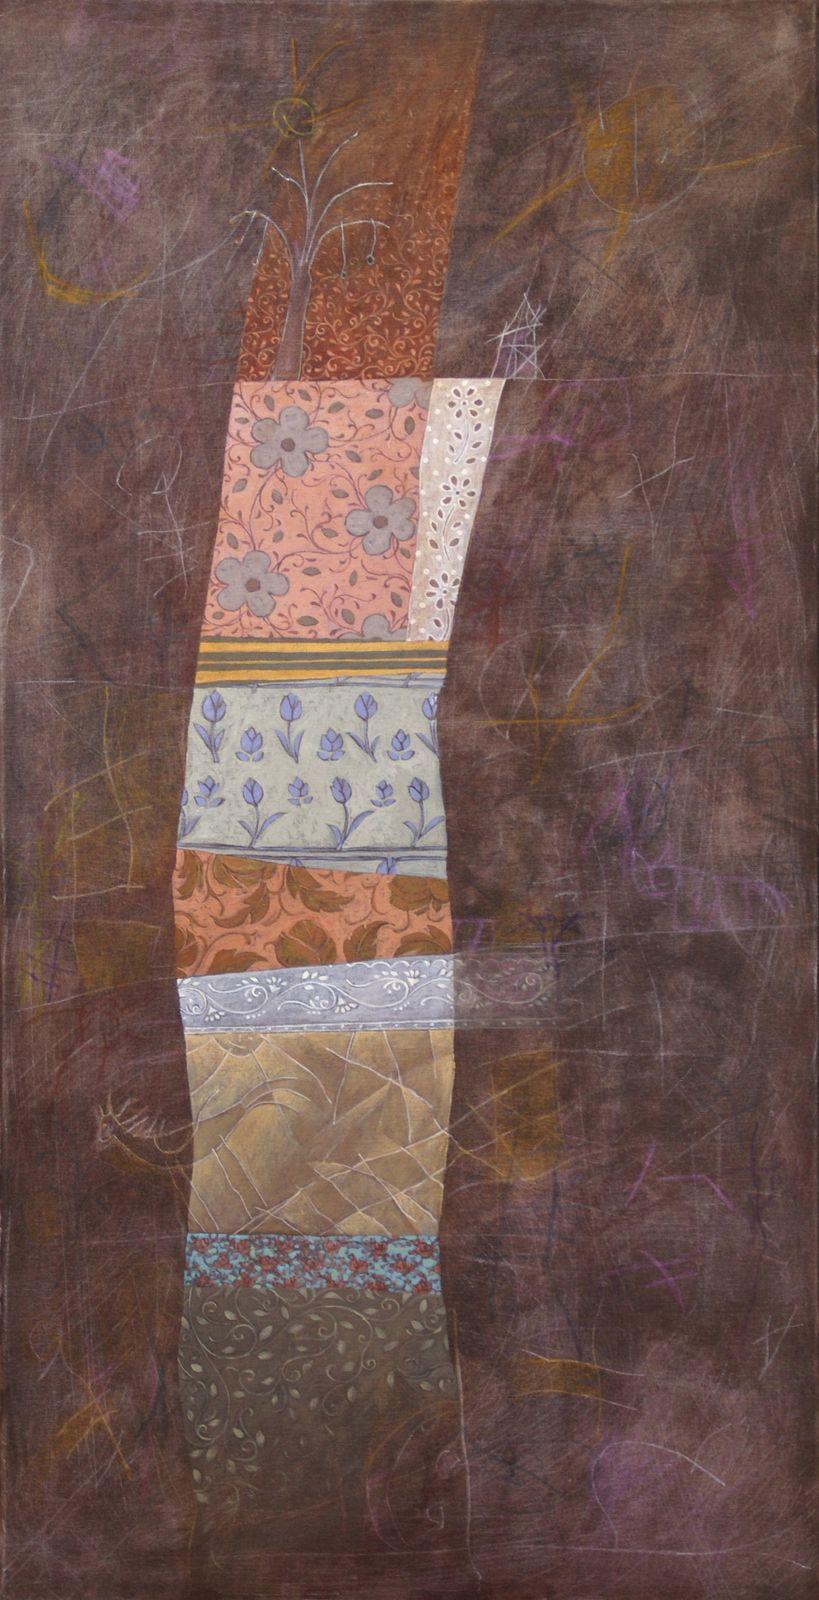 Άννα Χριστοφή 50×100 εκ. Μικτή Τεχνική σε καμβά Anna Christofi 50×100 cm Mixed media on canvas